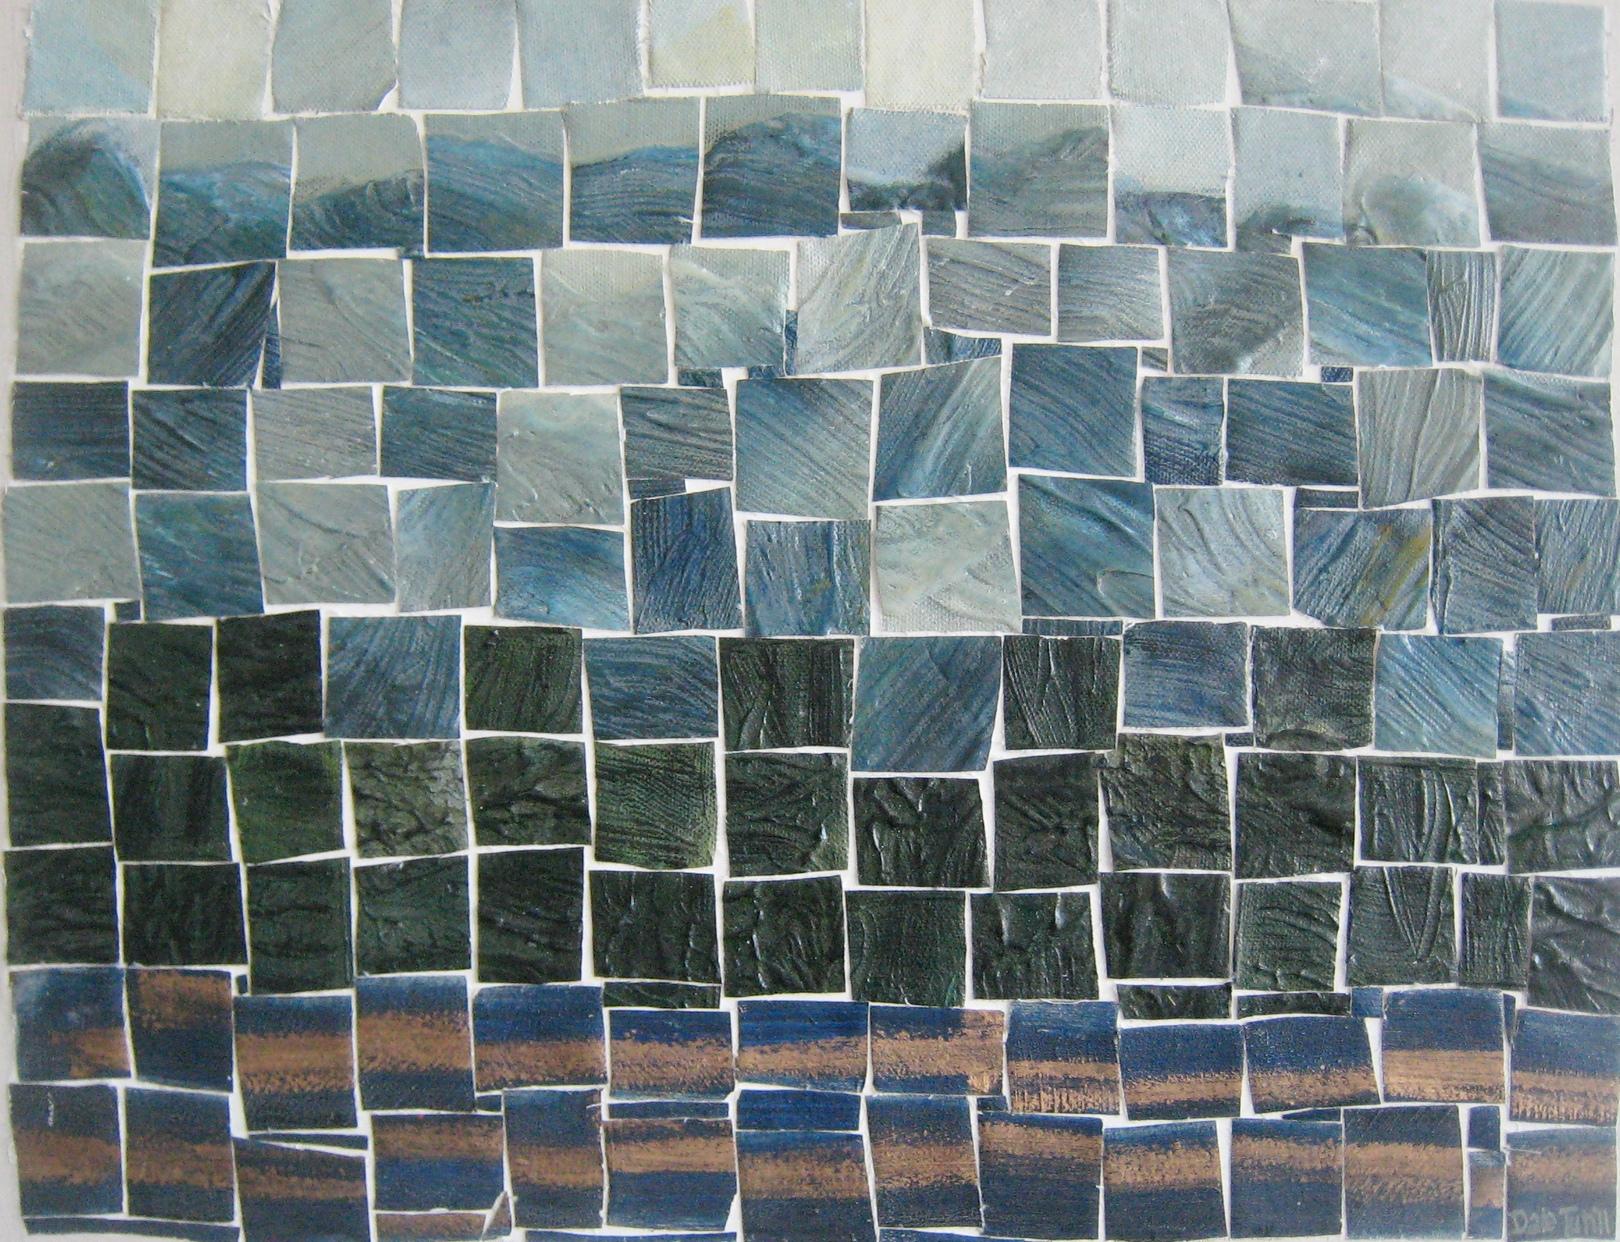 Tutill_Dale_Landscape_Mosaic